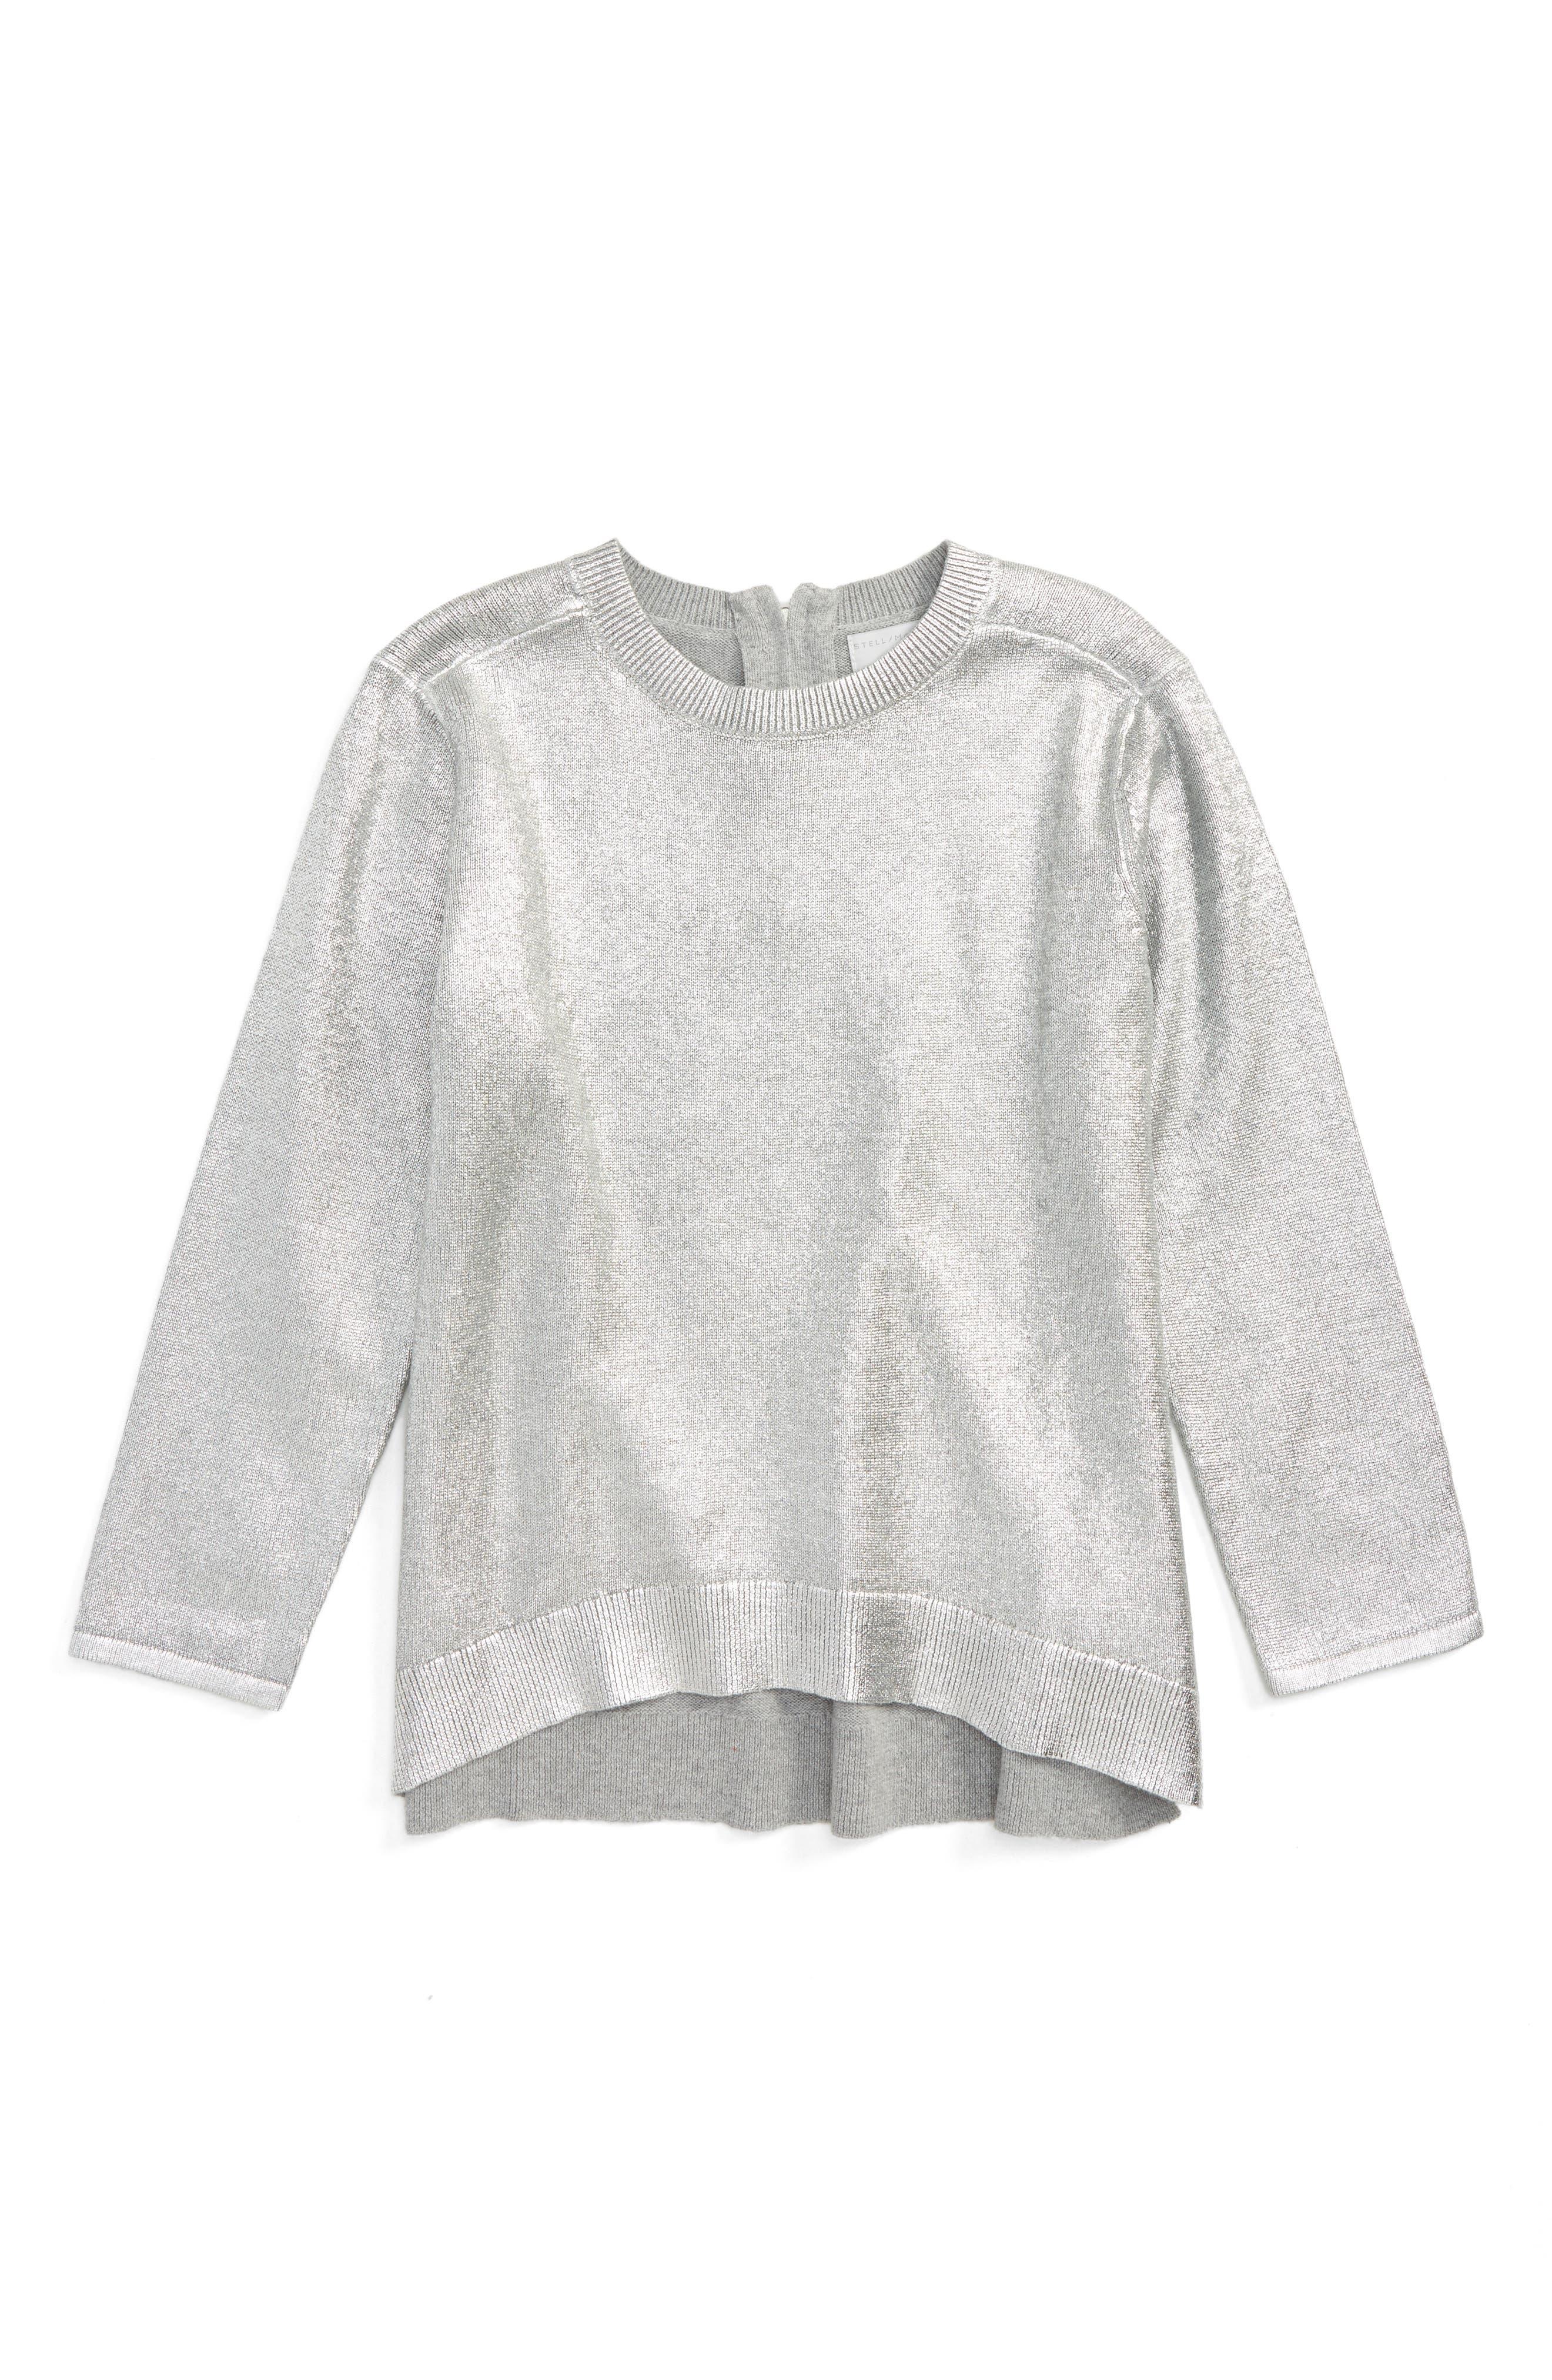 Kids Jewel Foil Sweater,                         Main,                         color,